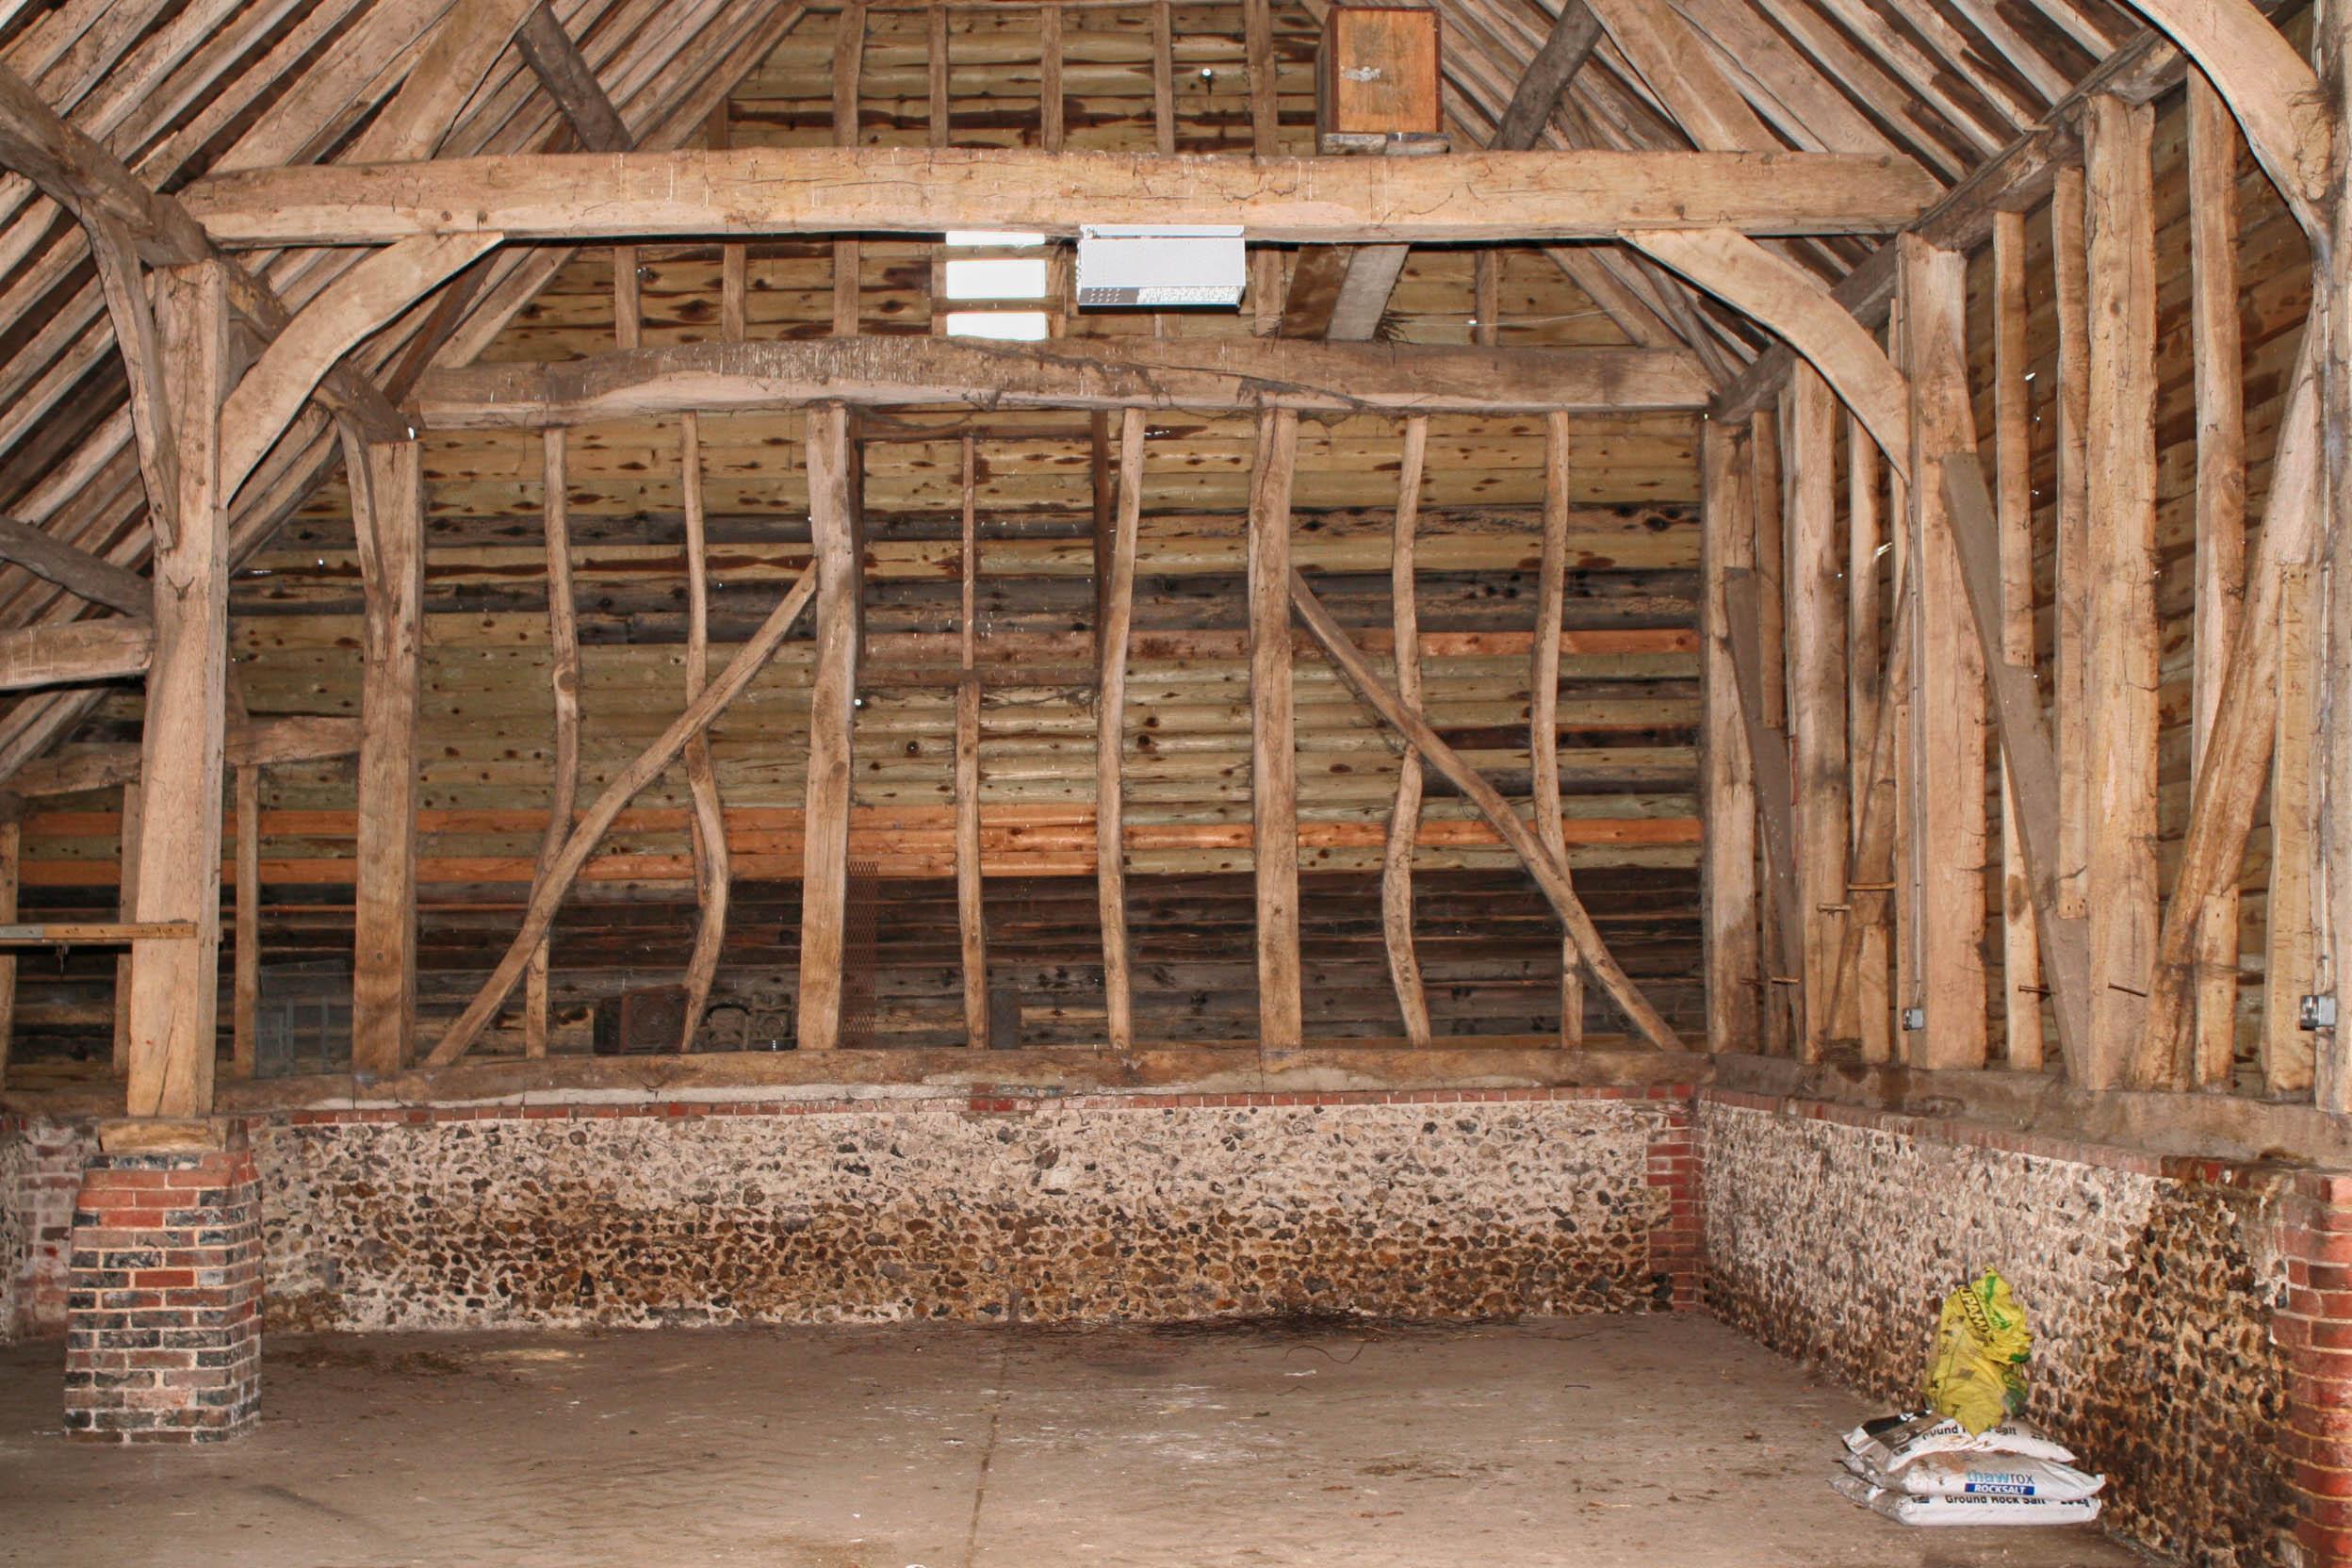 Interior of main barn before development